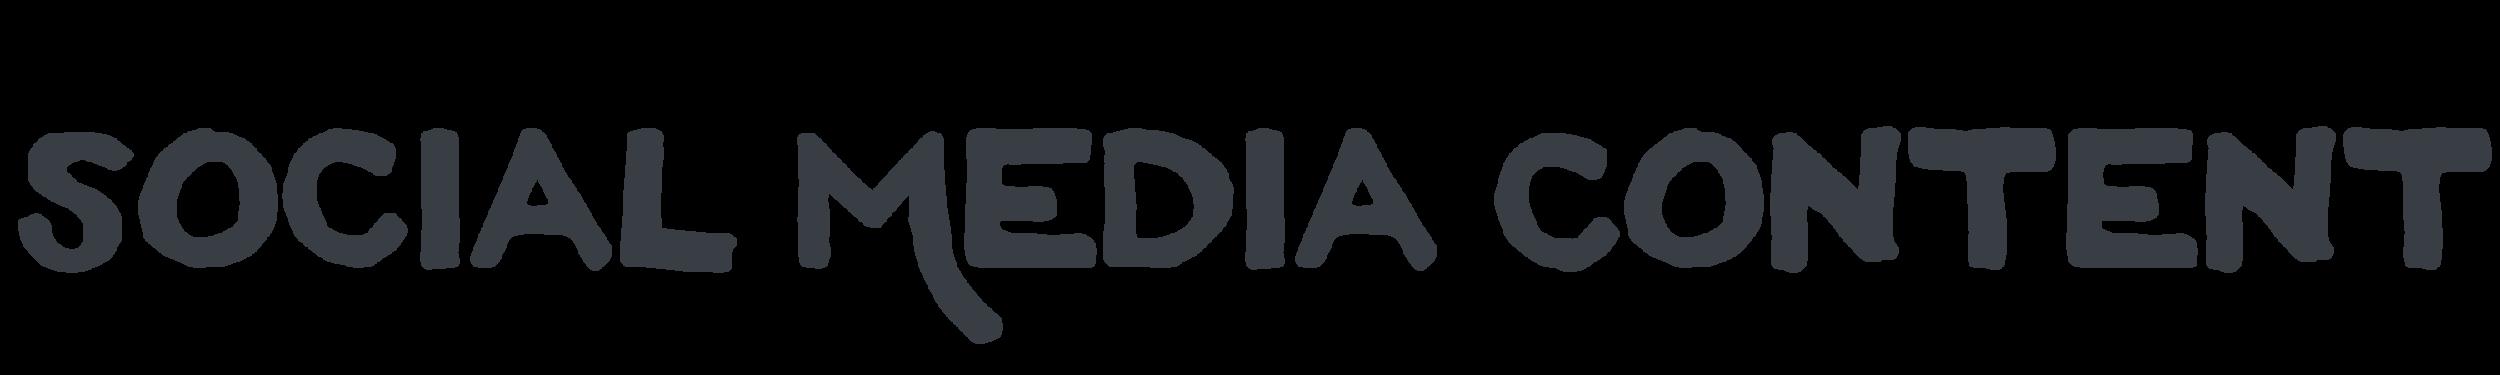 Social media header.png